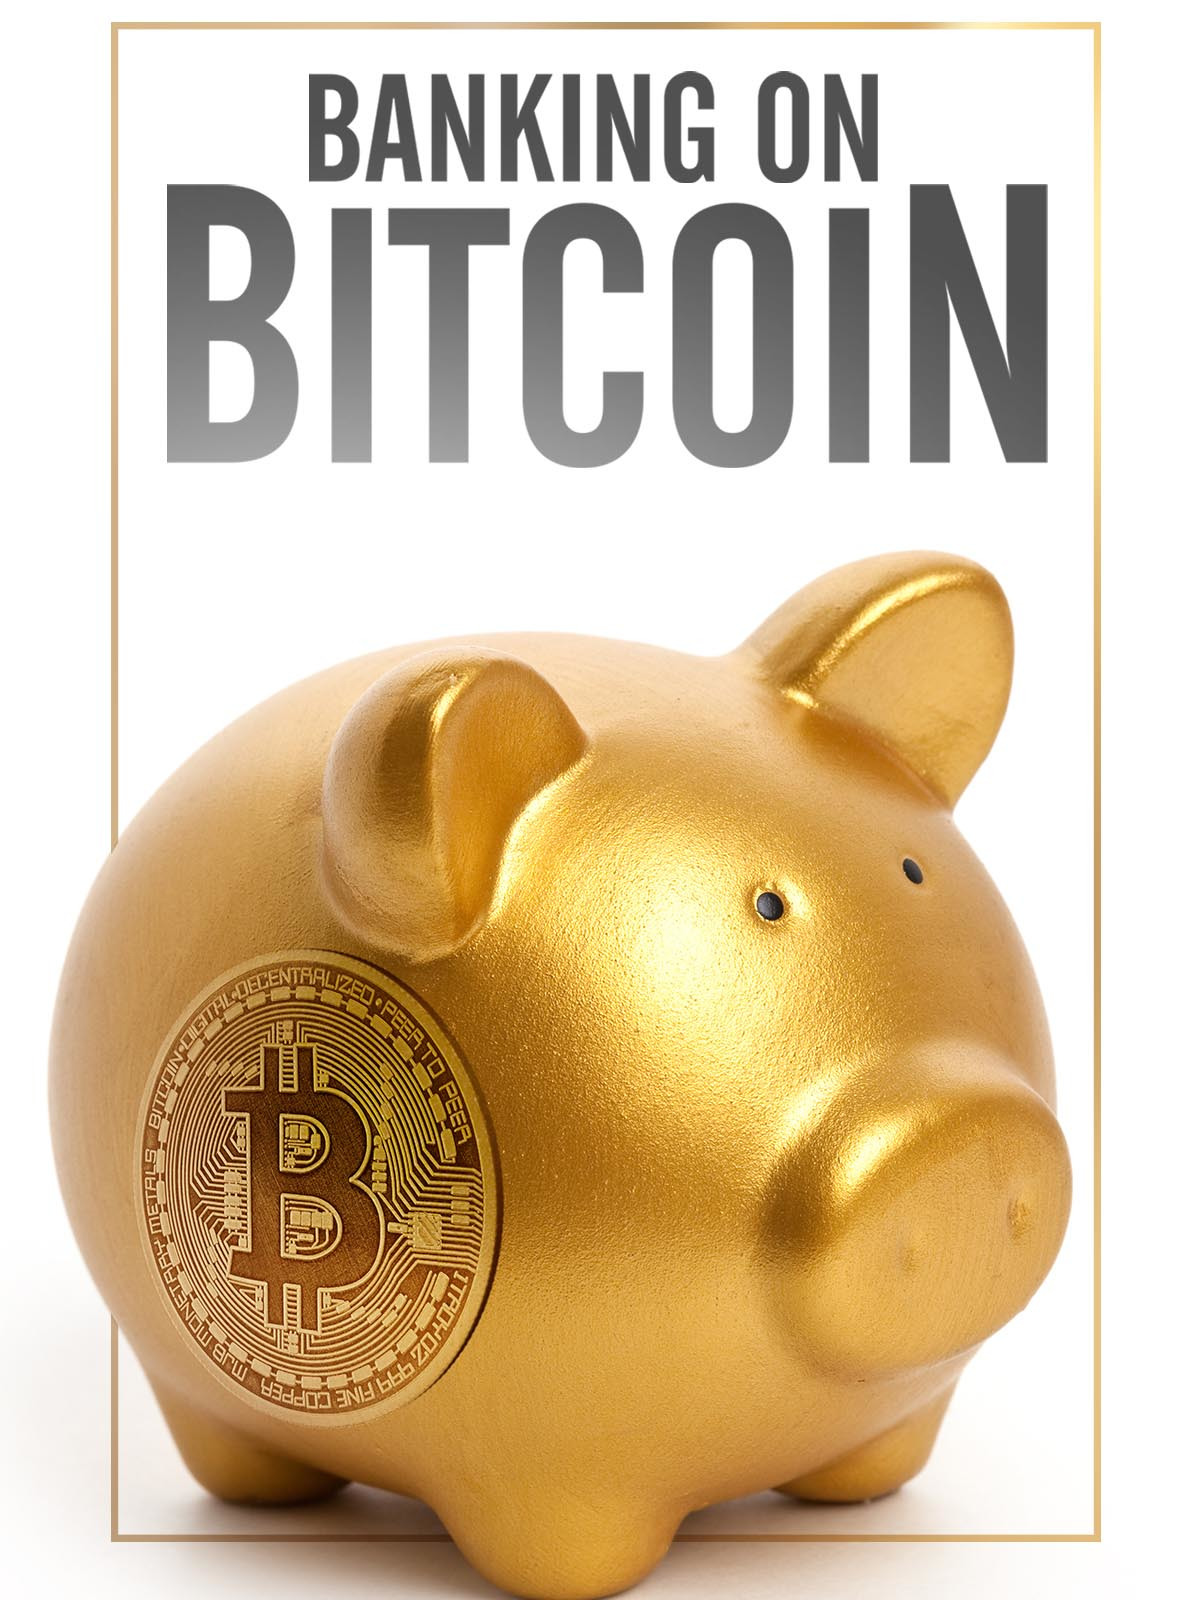 Bitcoin Price Prediction (BTC) für 2021, 2022 und 2025